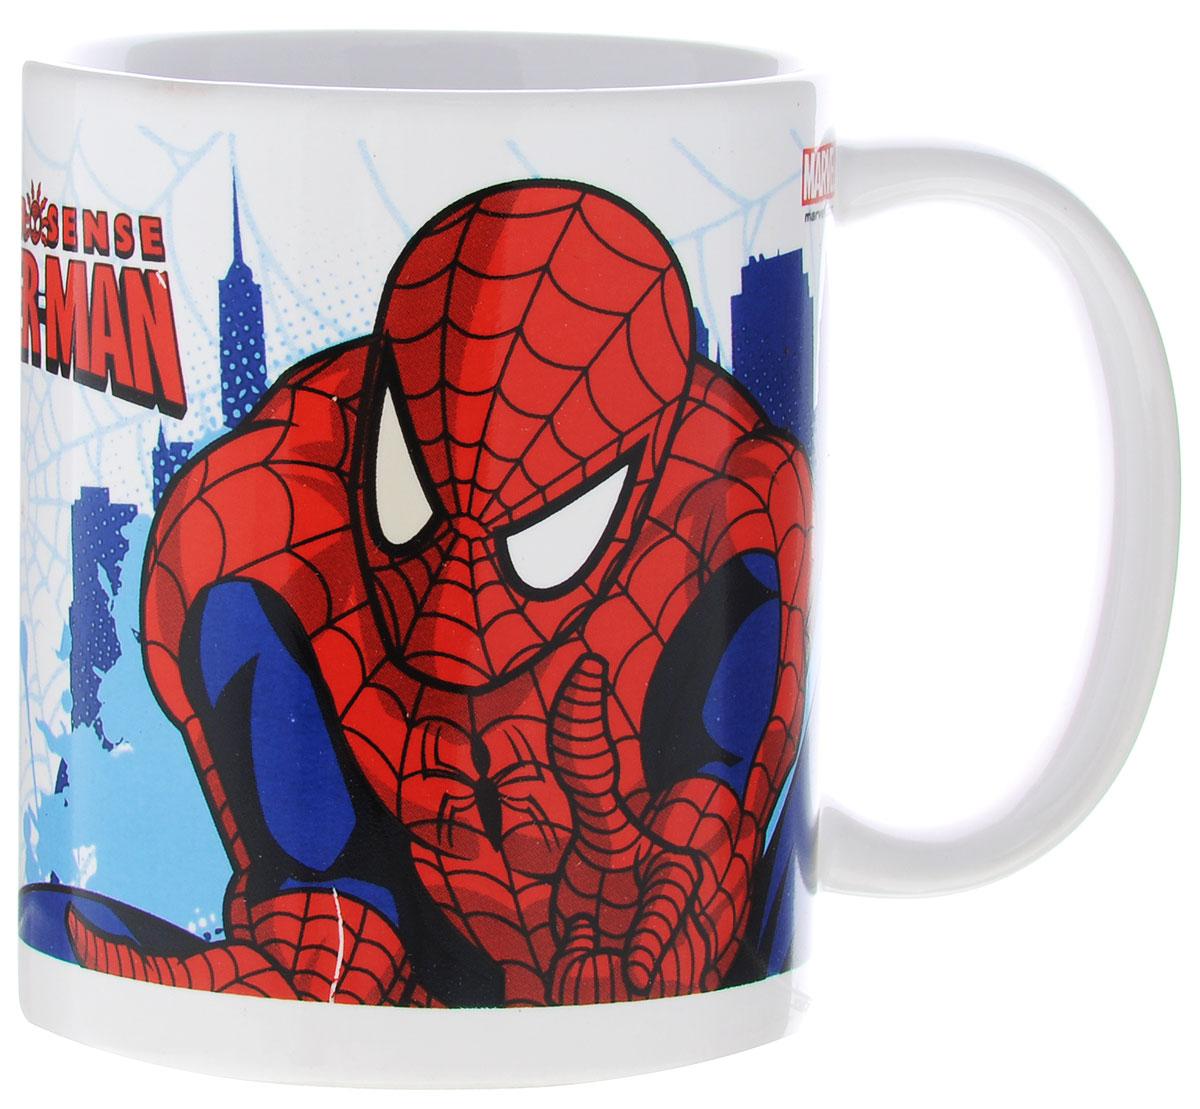 """Детская кружка Stor """"Человек-паук. Чувство паука"""" из серии Stor Marvel с любимым героем станет отличным подарком для вашего ребенка. Она выполнена из керамики и оформлена изображением Человека-паука.  Кружка дополнена удобной ручкой.  Такой подарок станет не только приятным, но и практичным сувениром: кружка будет незаменимым атрибутом чаепития, а оригинальное оформление кружки добавит ярких эмоций и хорошего настроения. Можно использовать в СВЧ-печи и посудомоечной машине."""